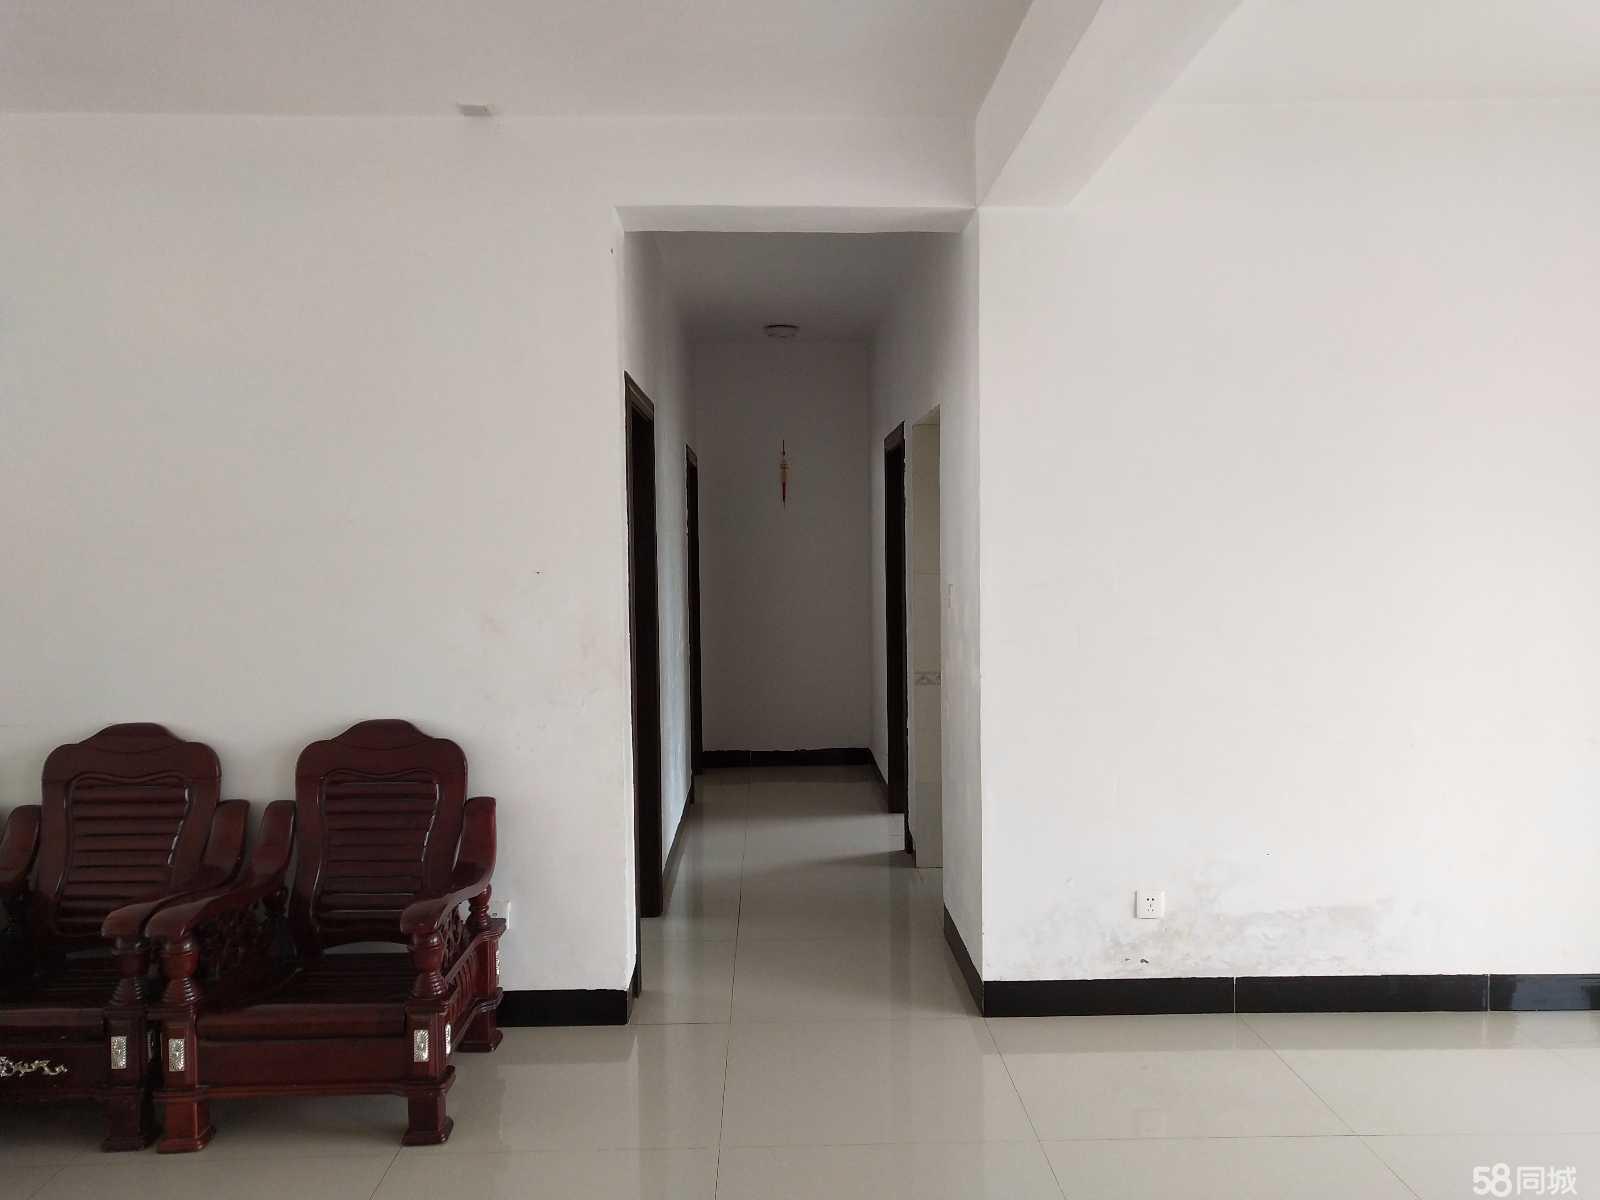 澳门拉斯维加斯赌场馨怡花园3室2厅2卫123.52平米